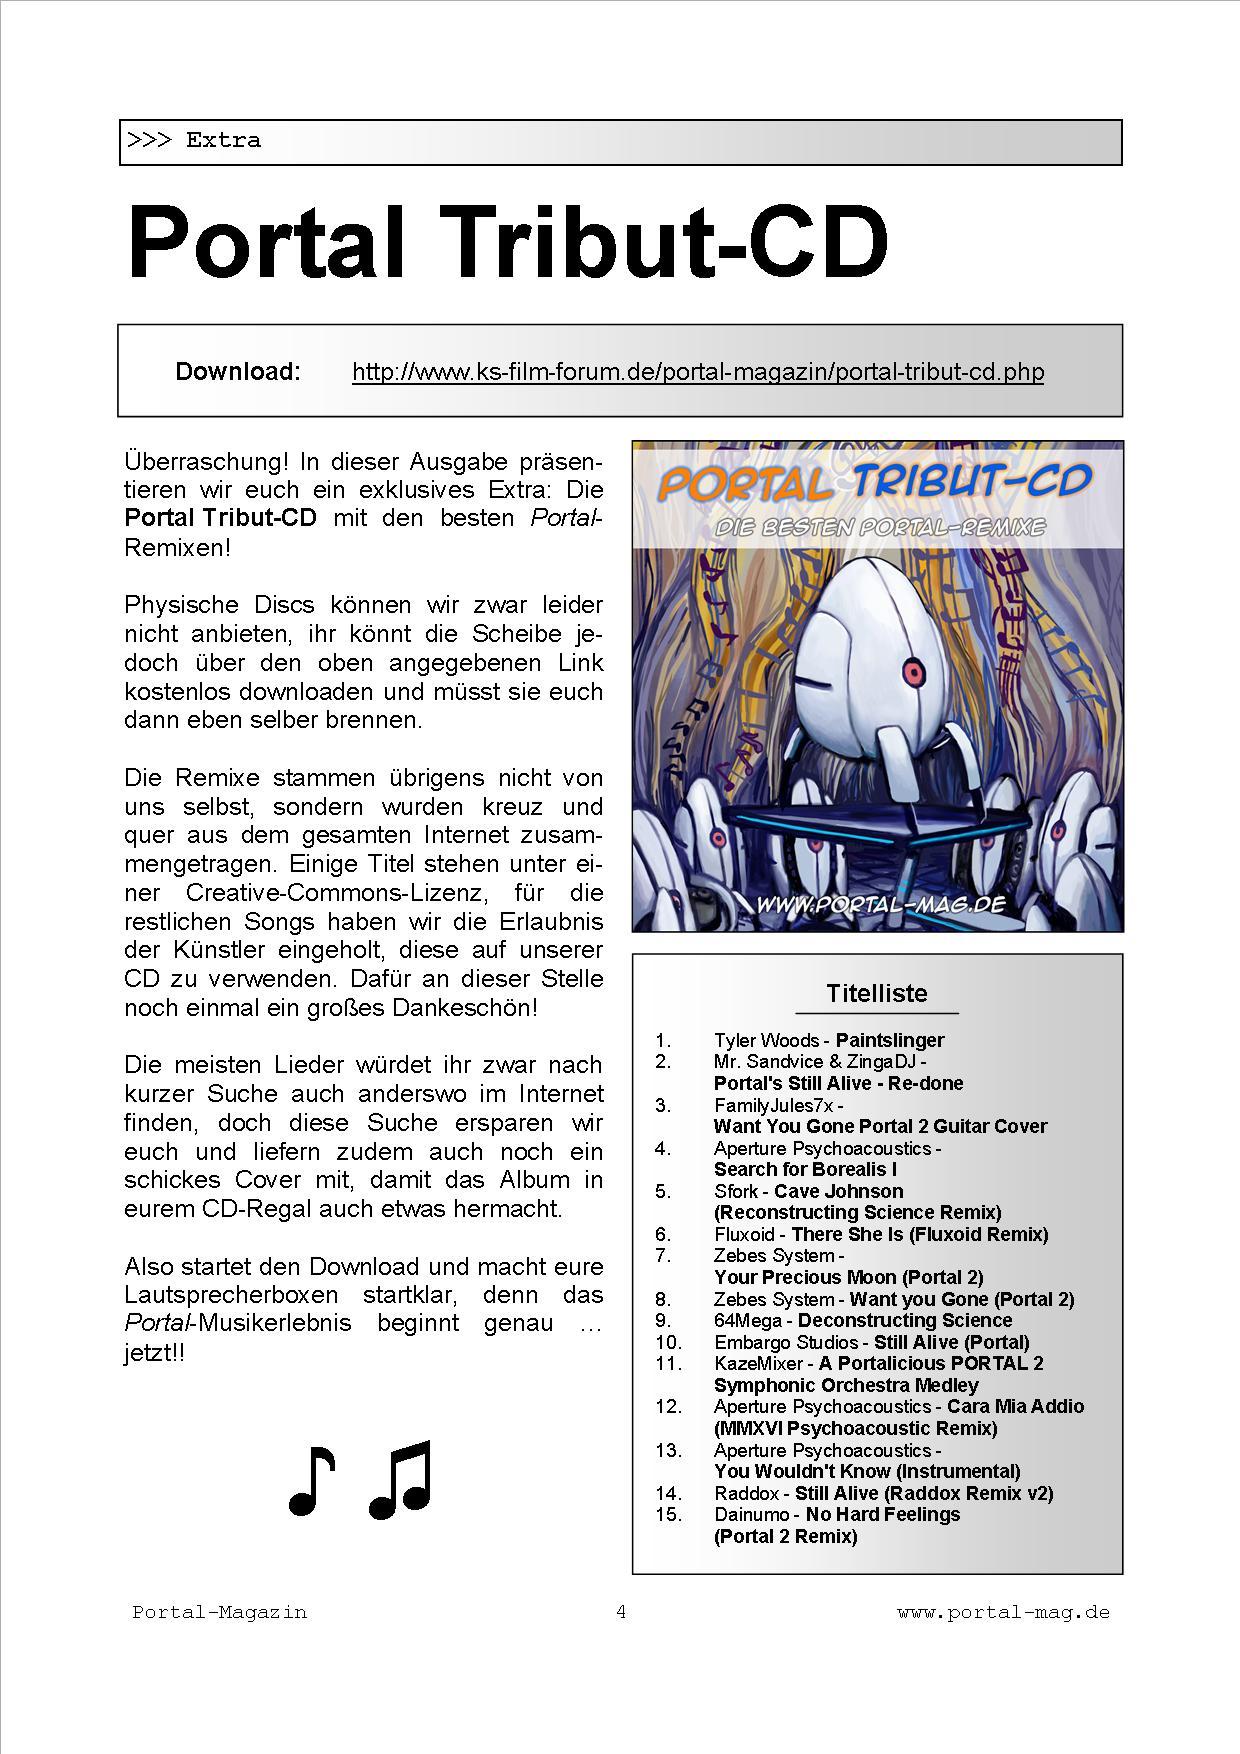 Ausgabe 36, Seite 4